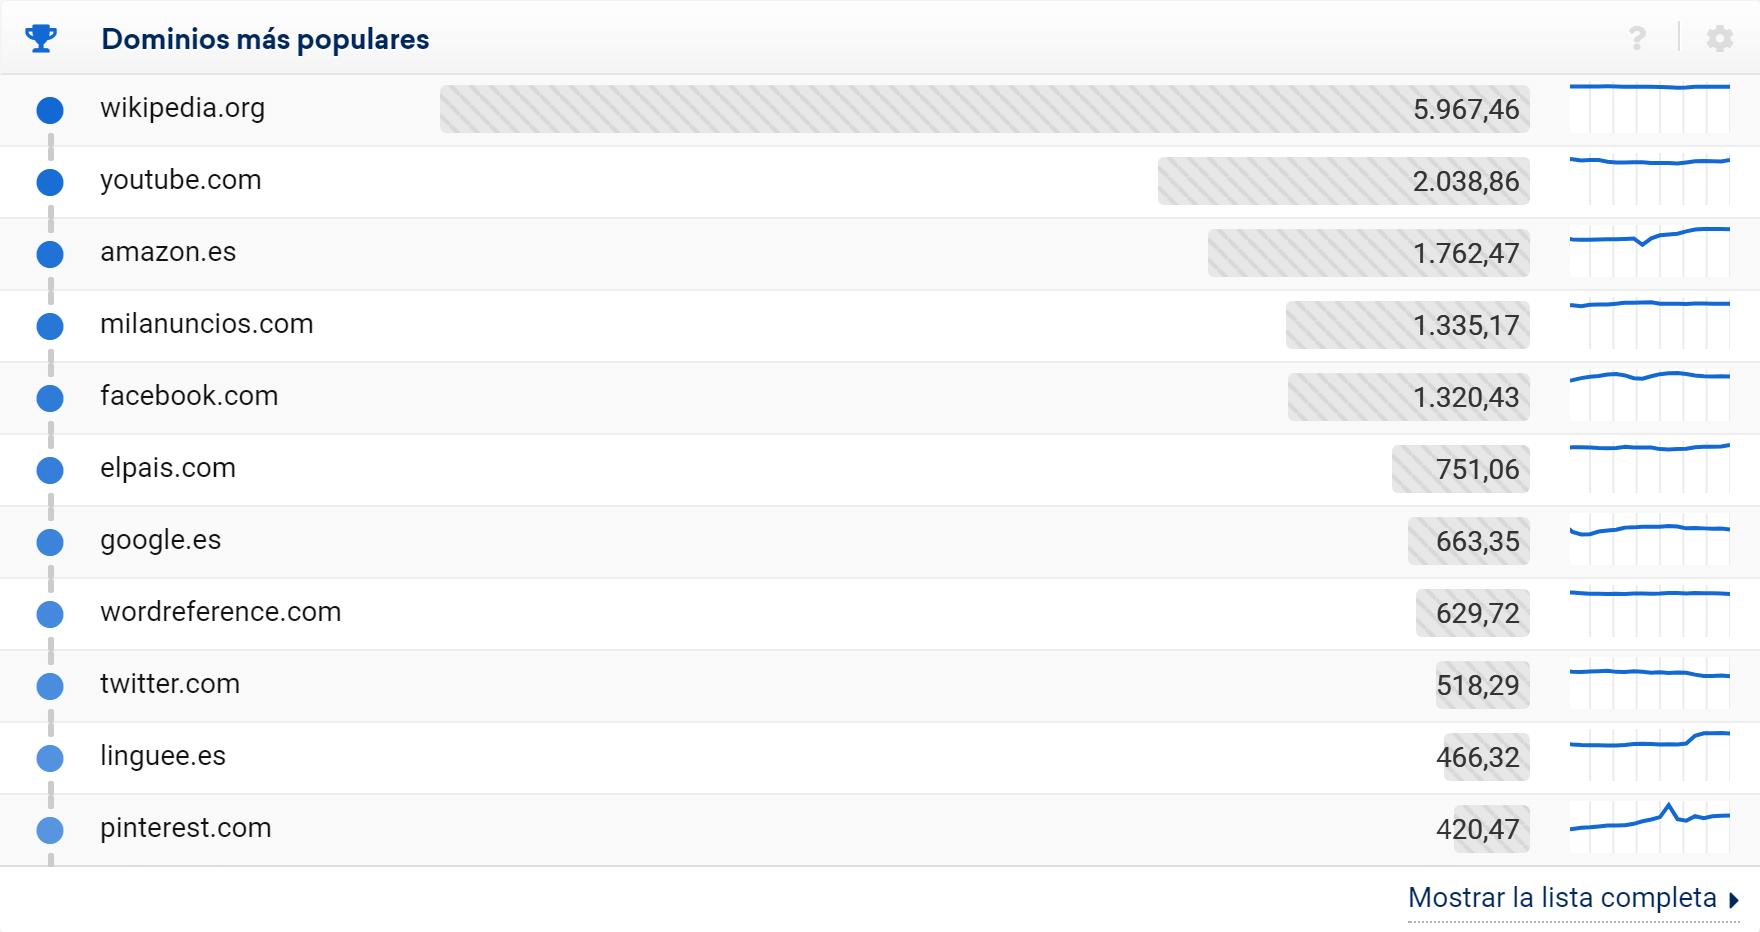 Top 25 dominios más visibles